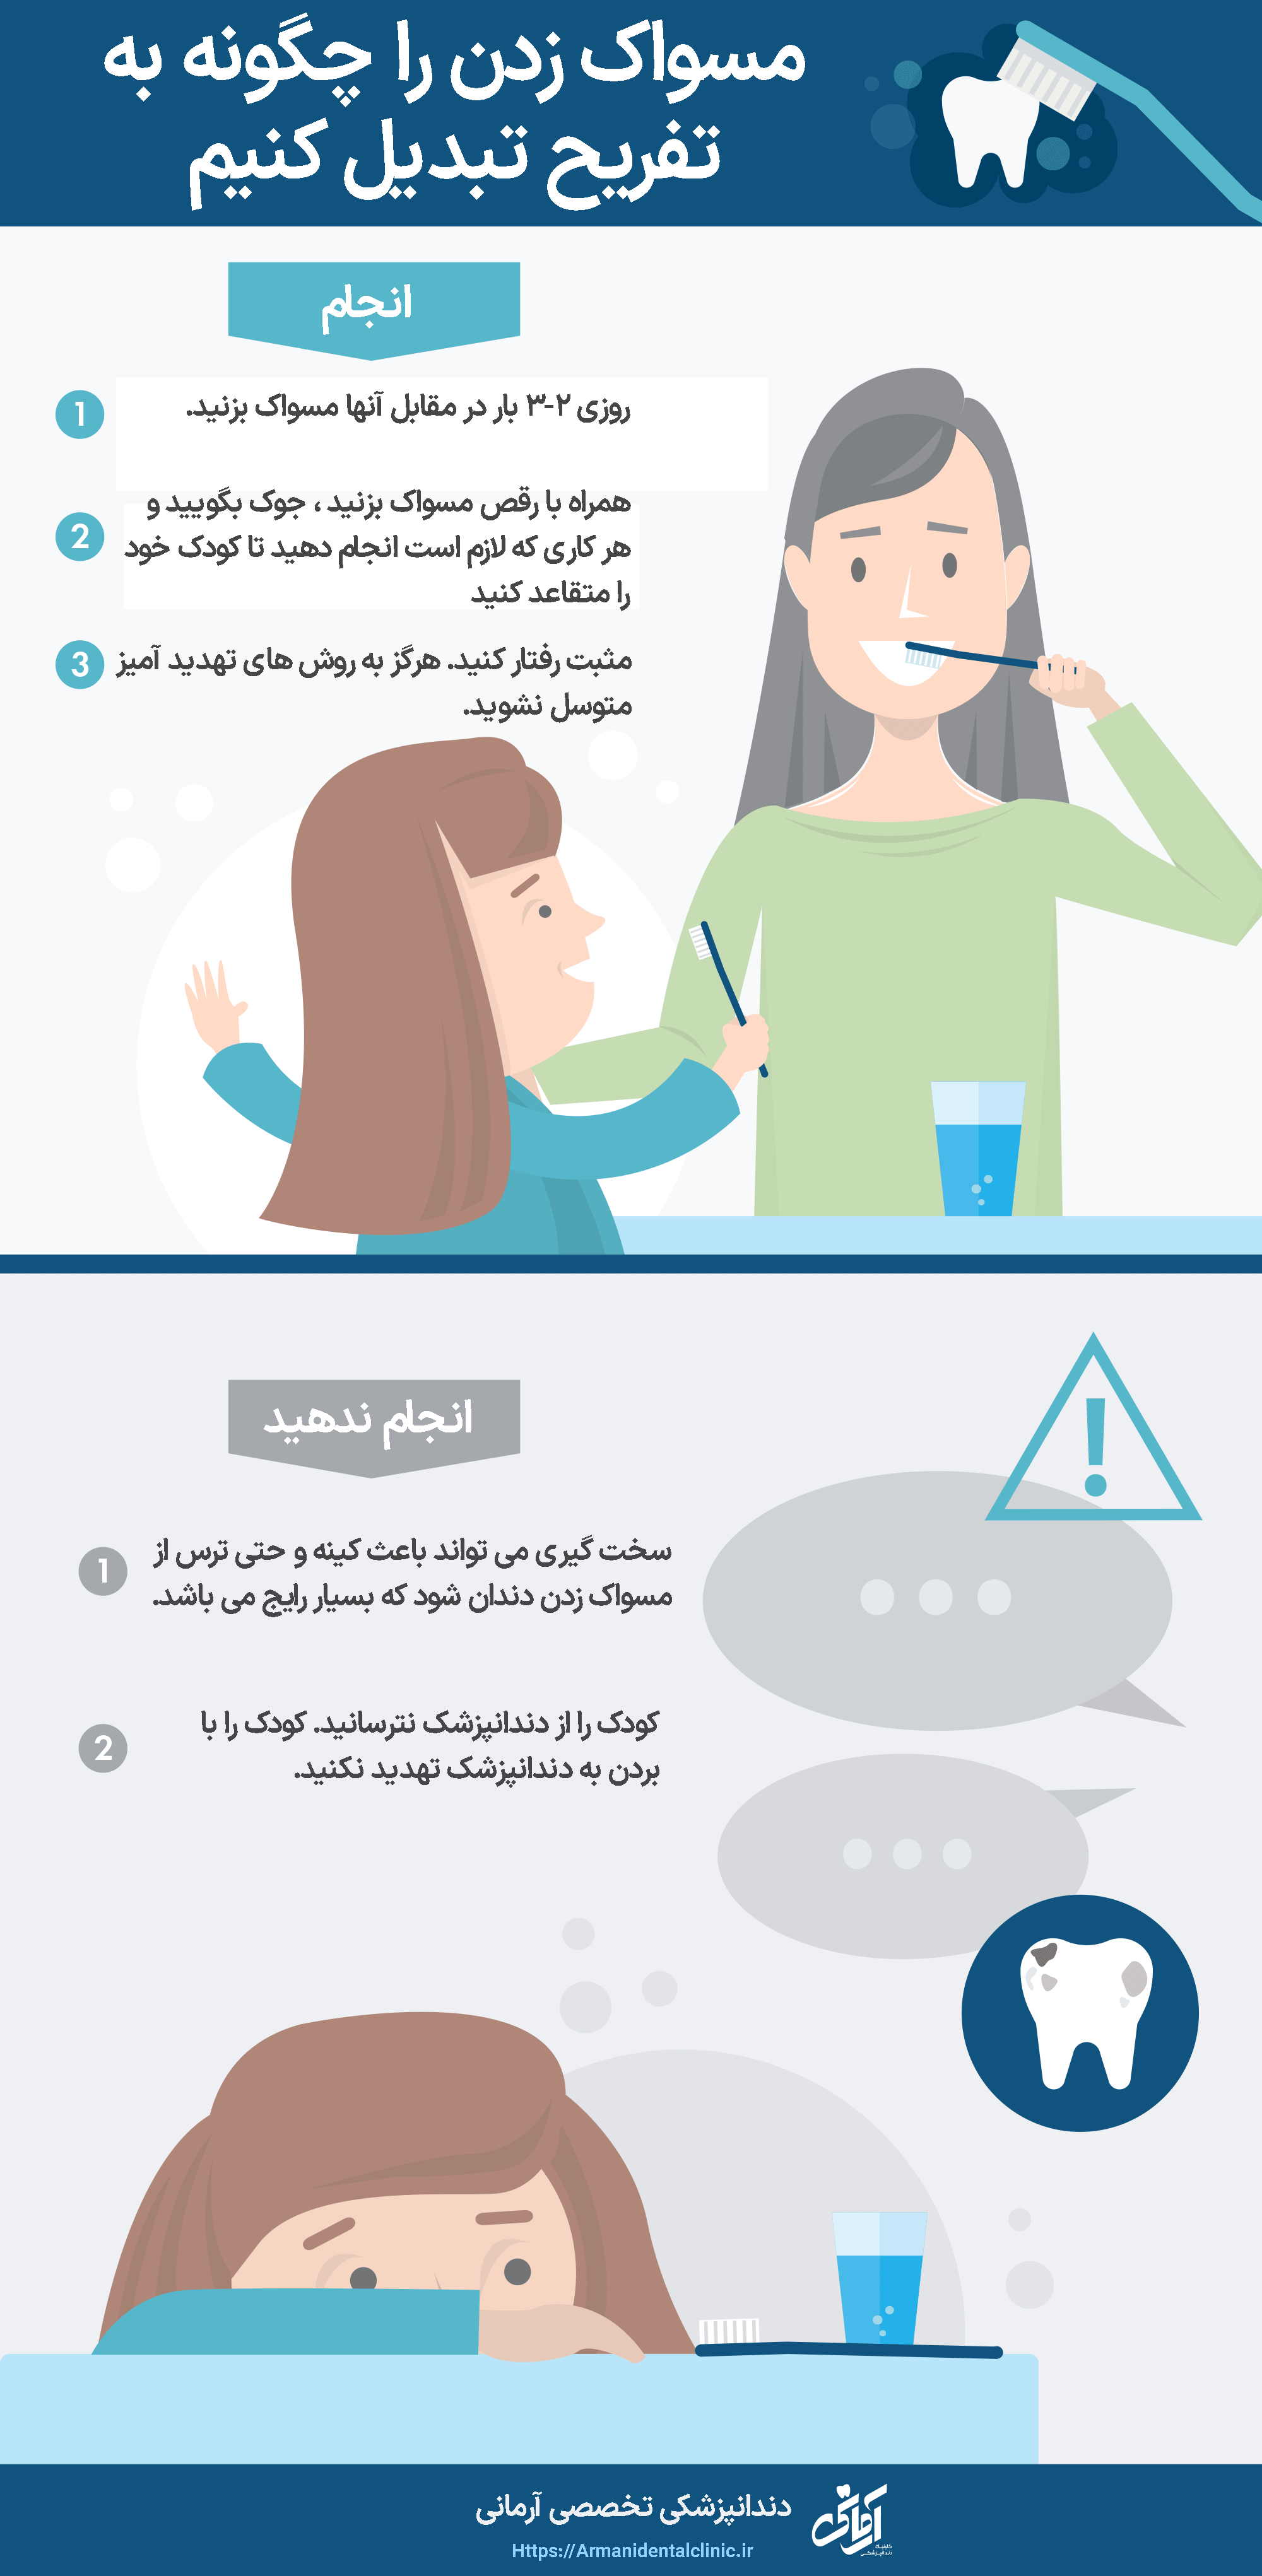 مسواک زدن را چگونه به تفريح تبديل كنيم